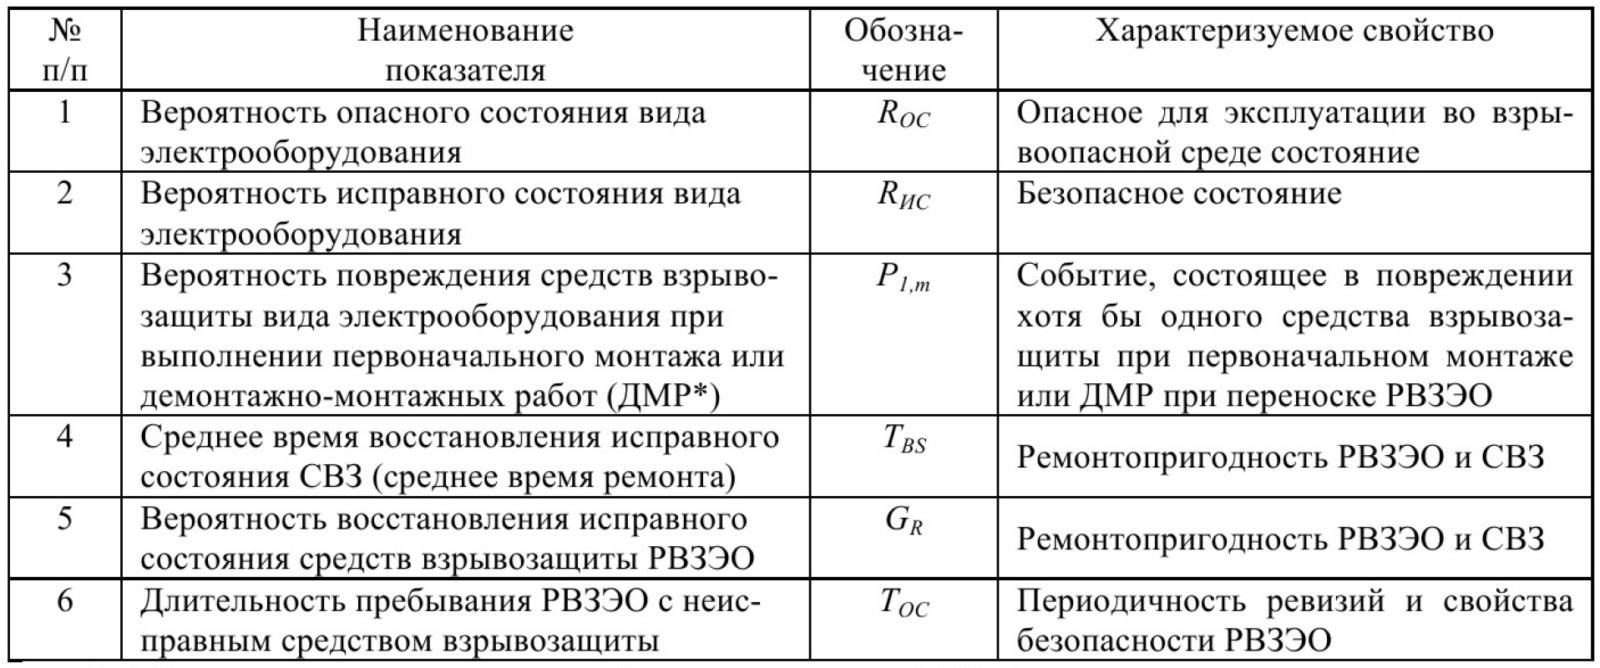 Показатели безопасного функционирования рудничного взрывозащищенного электрооборудования 22